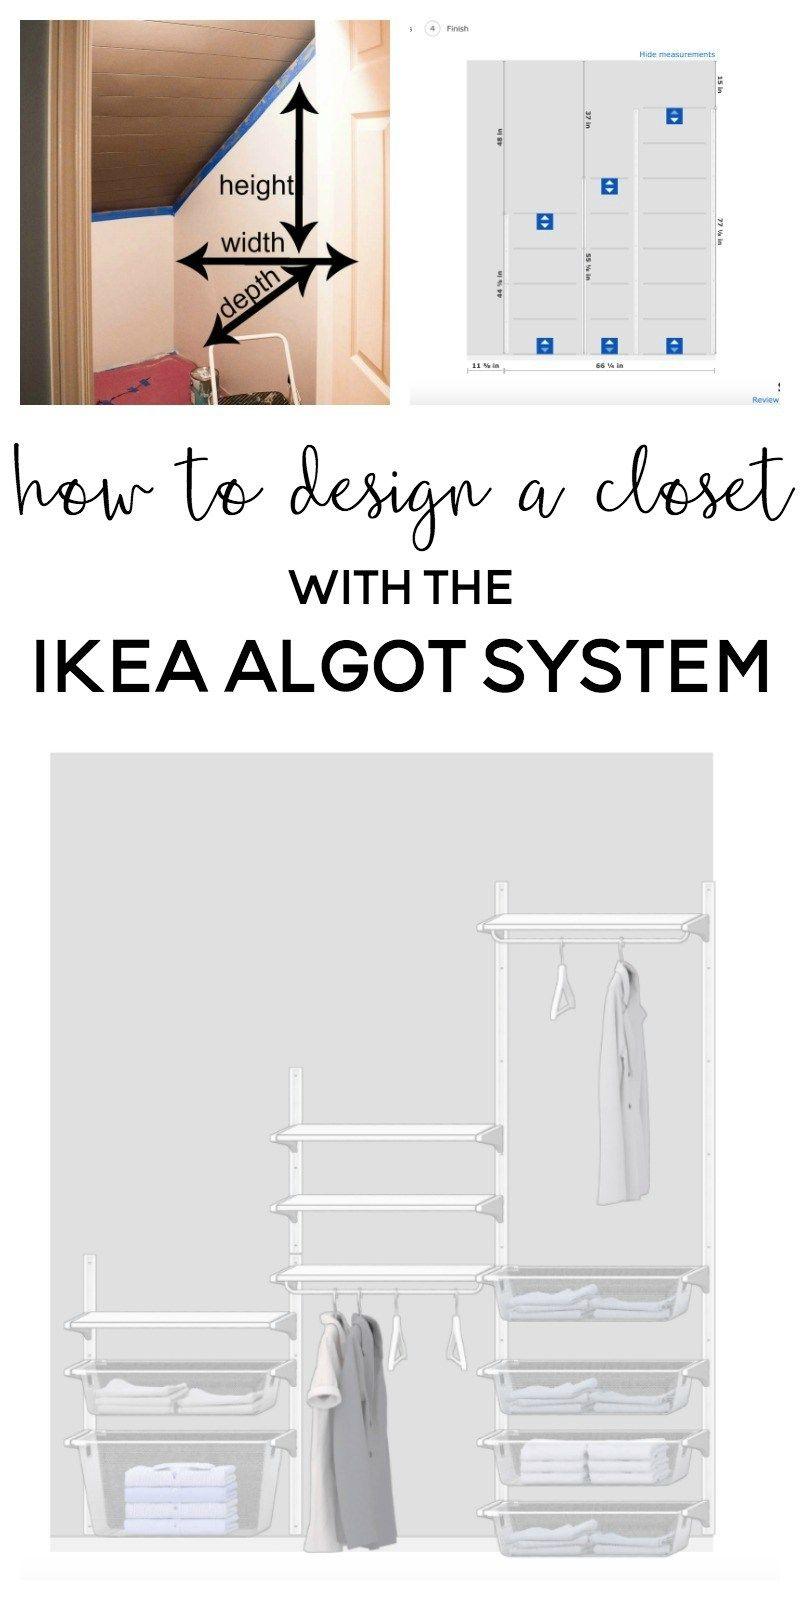 Ikea Algot Closet | Ikea Closet | Ikea Closet Ideas | Ikea Closet  Organization | Algot